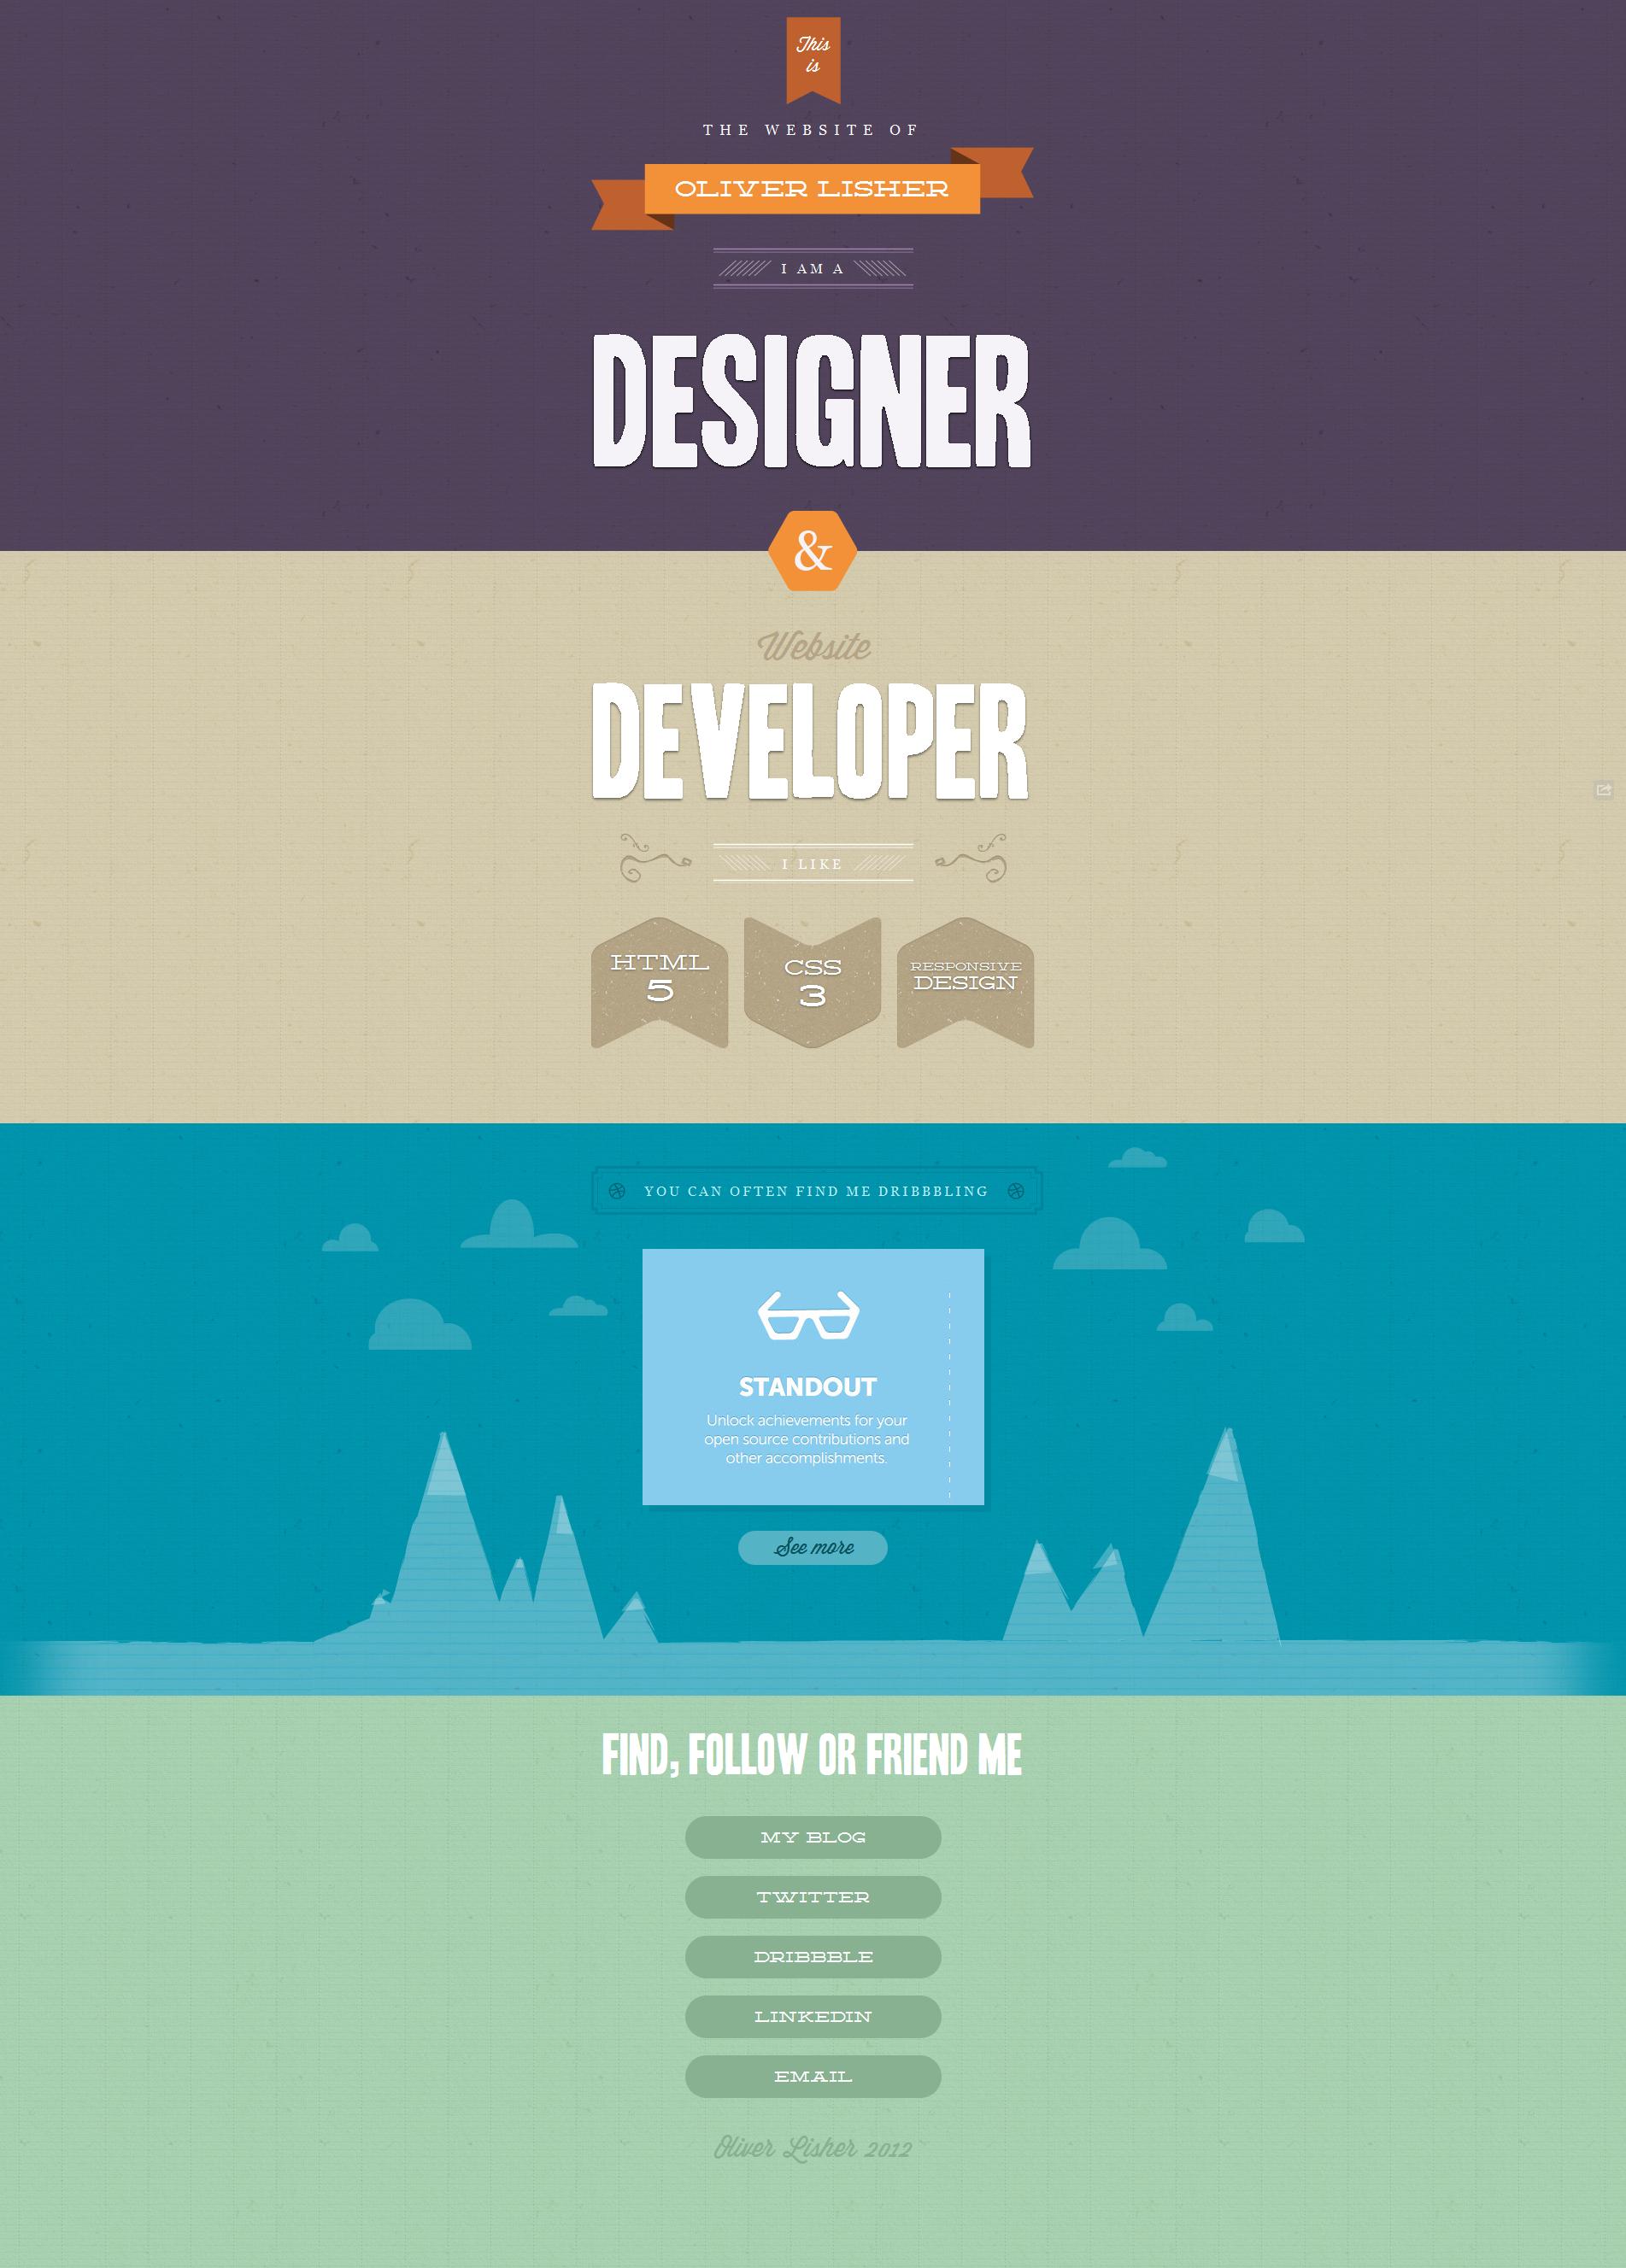 Webdesign Webdesign Websitesdesign Websites Uidesign Web Design Interface Utilisateur Agence De Communication